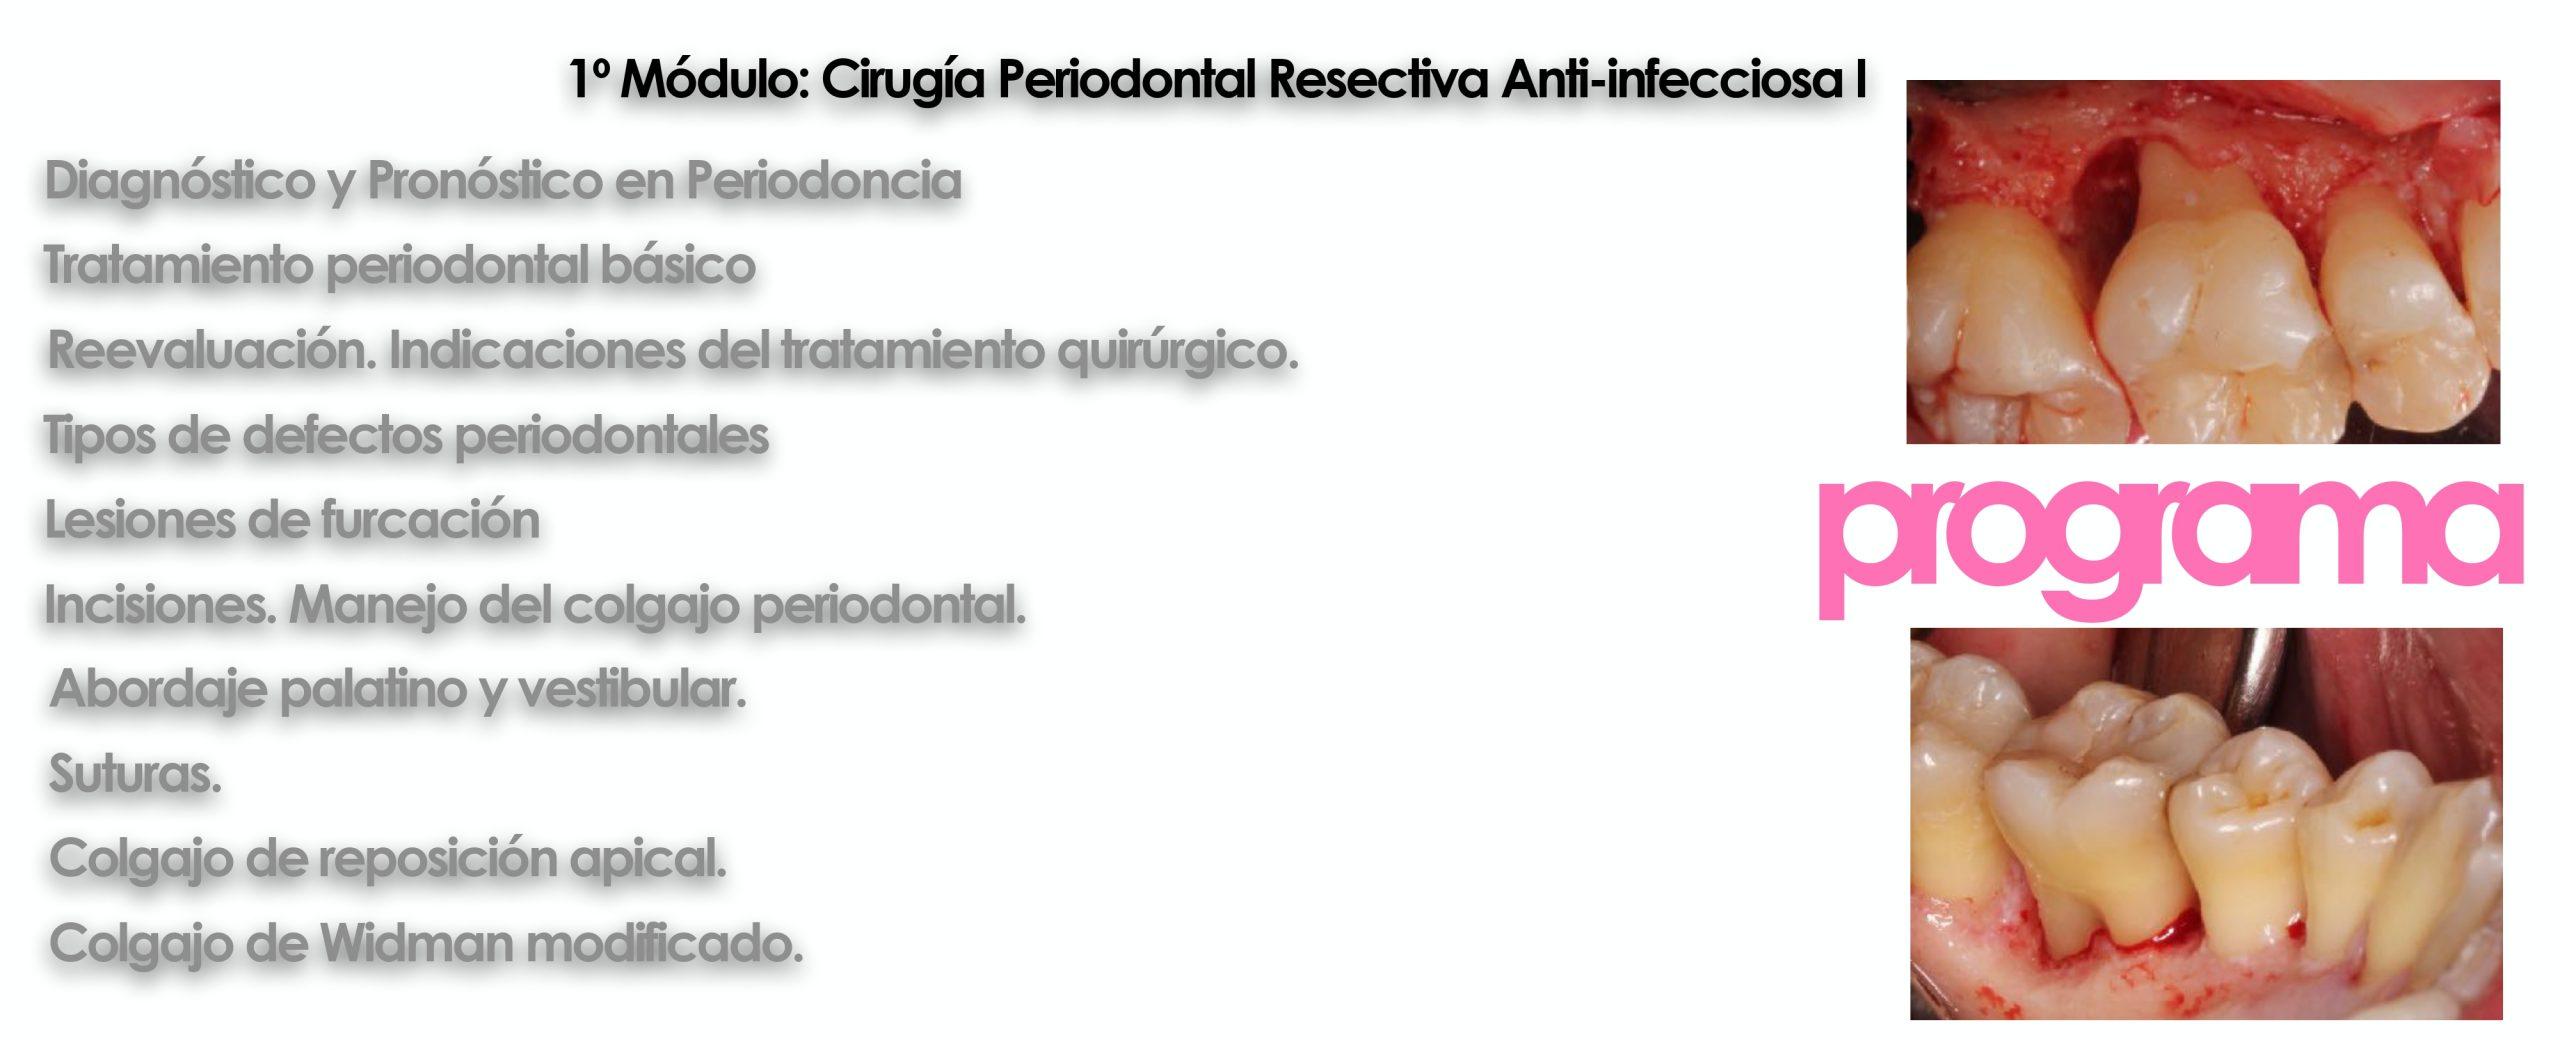 Curso cirugía periodontal e implantológica 2022 5